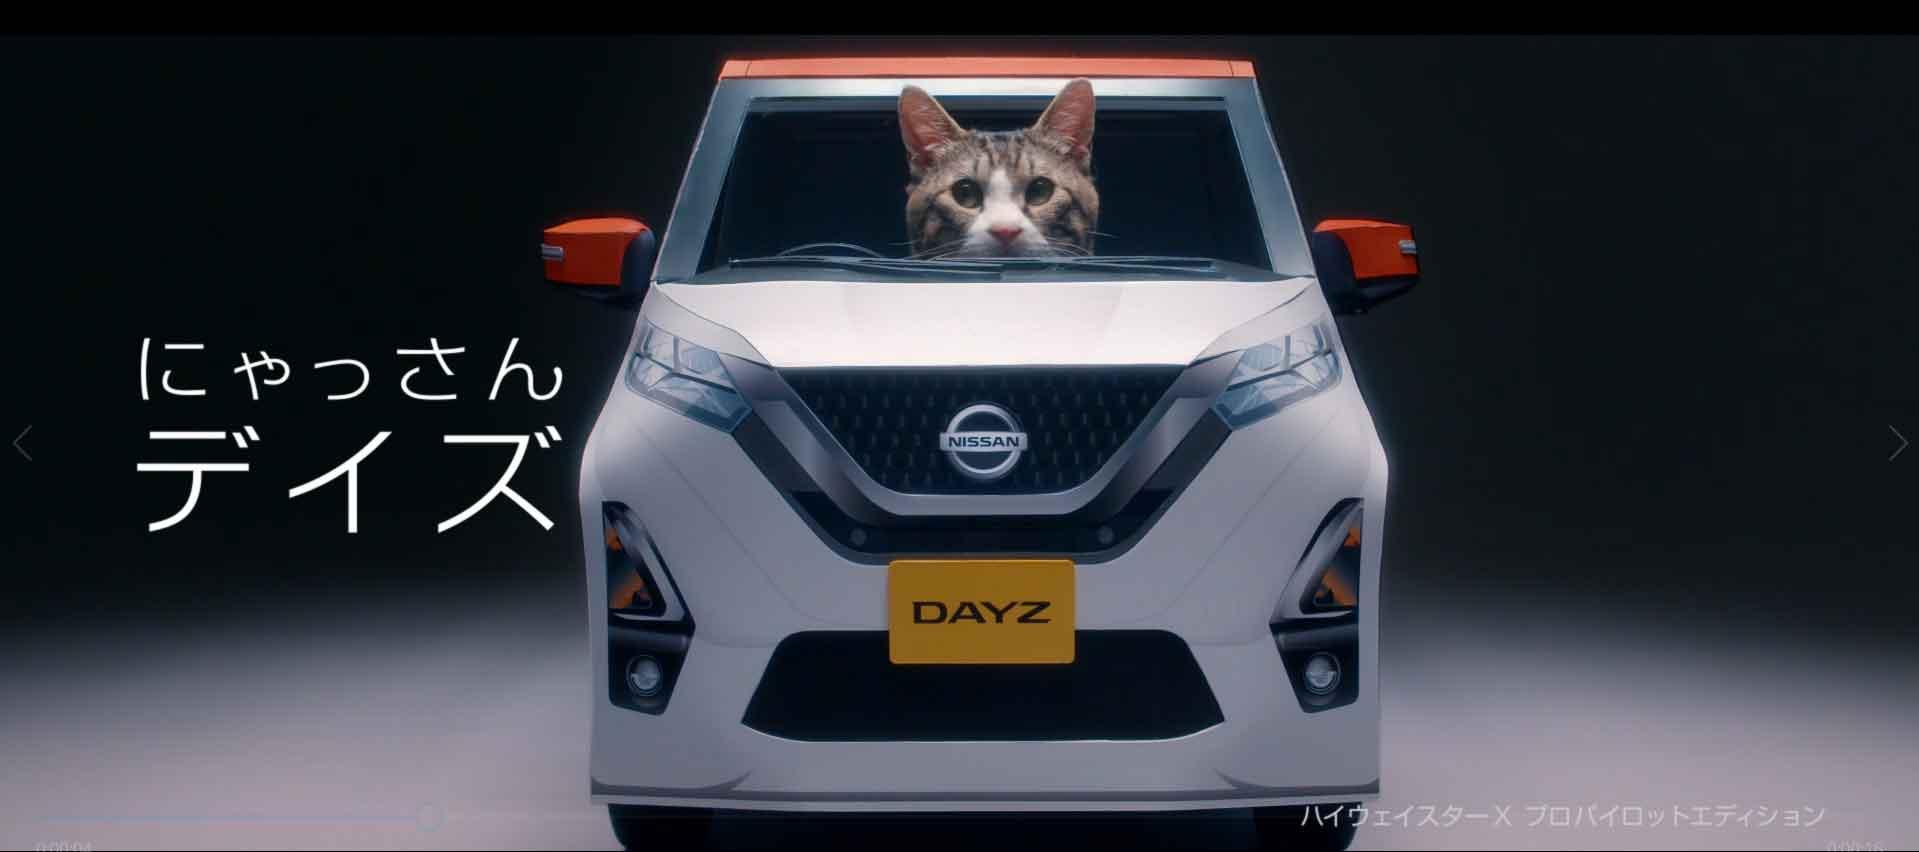 """まさに""""猫の手を借りて""""、技術的な魅力を伝えているCM【写真提供:日産自動車】"""